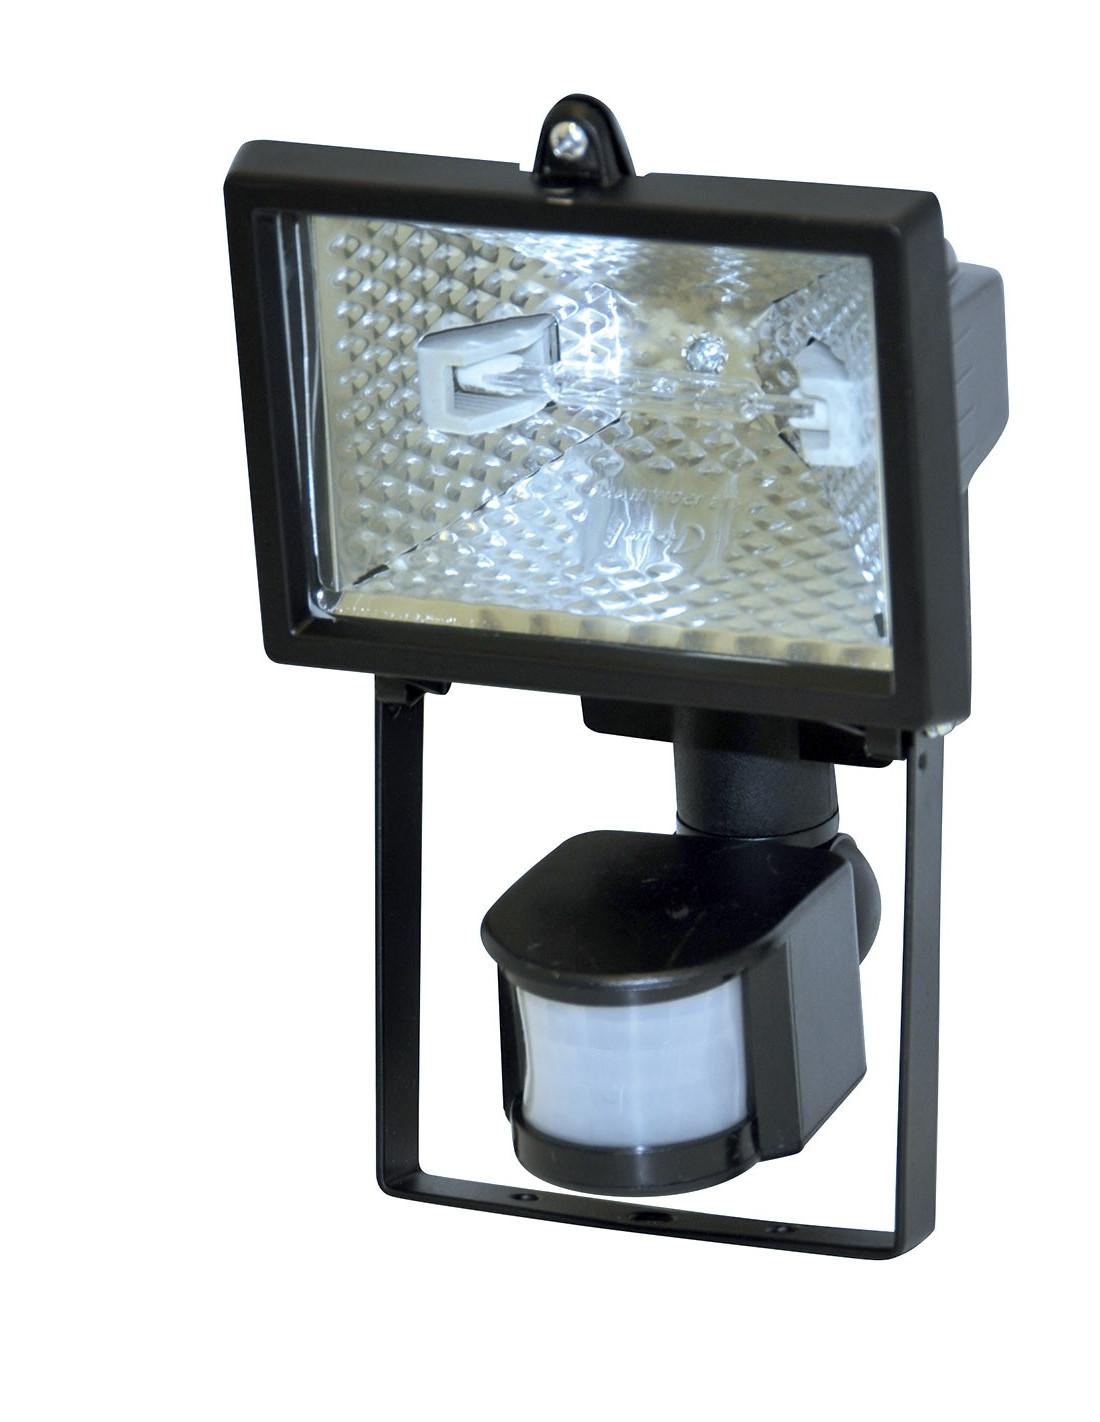 aitopro projecteur halog ne 500w avec d tecteur de mouvement hyper brico. Black Bedroom Furniture Sets. Home Design Ideas